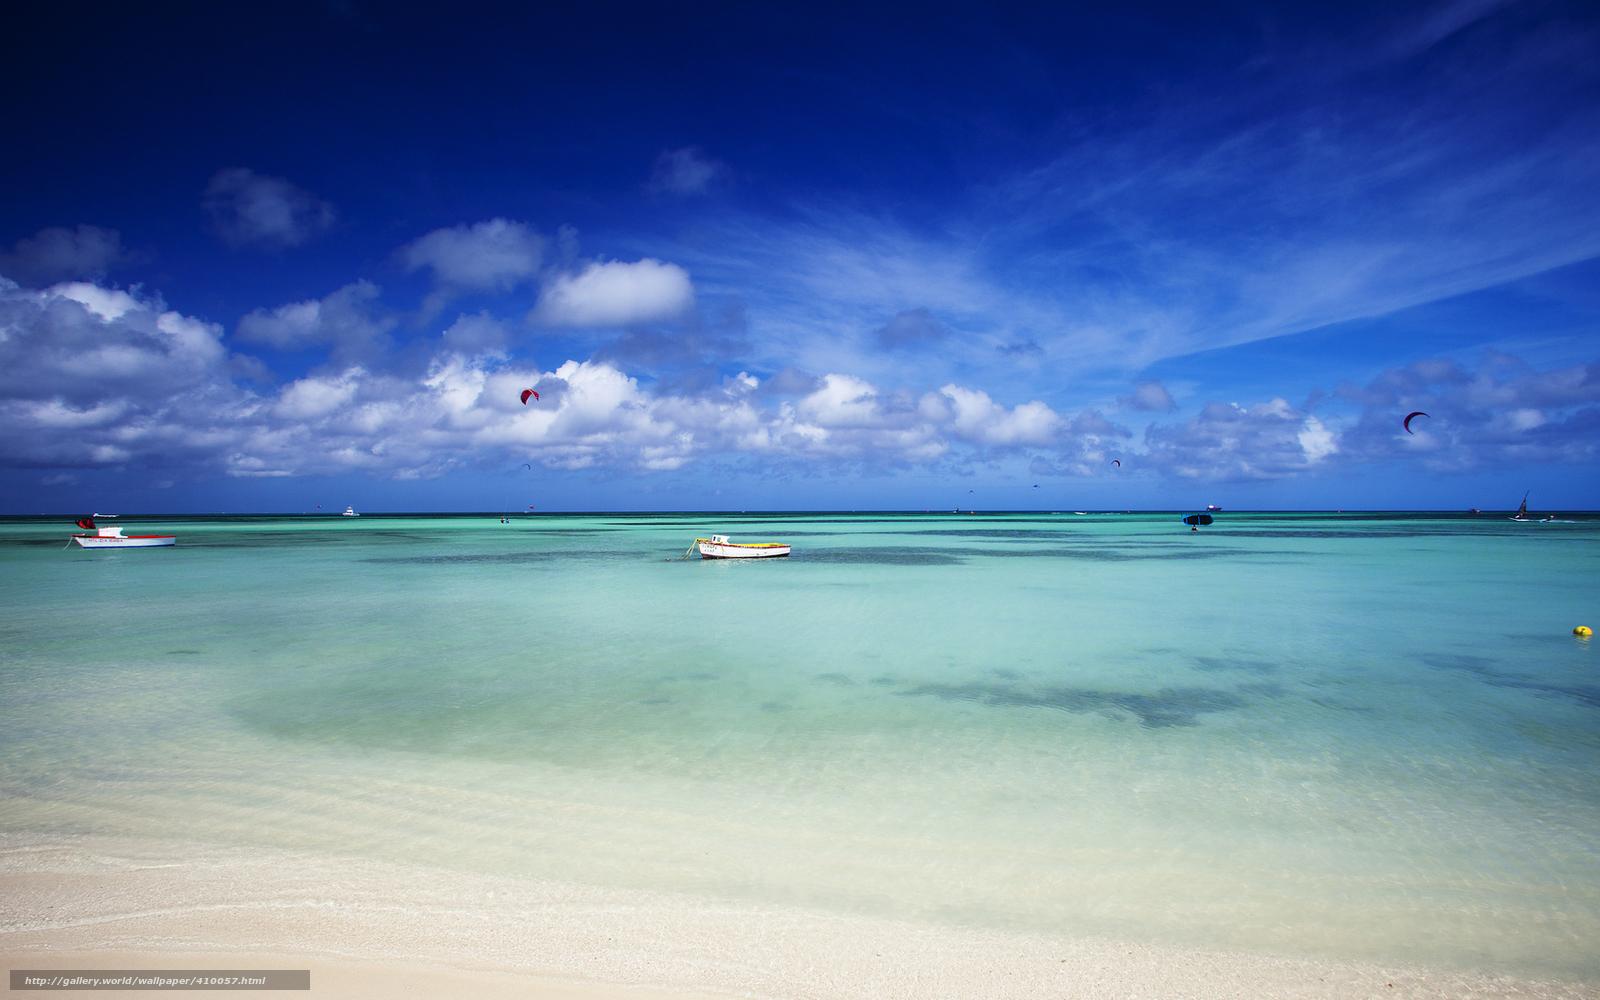 Scaricare gli sfondi mare nuvole barche sfondi gratis for Sfondi desktop mare